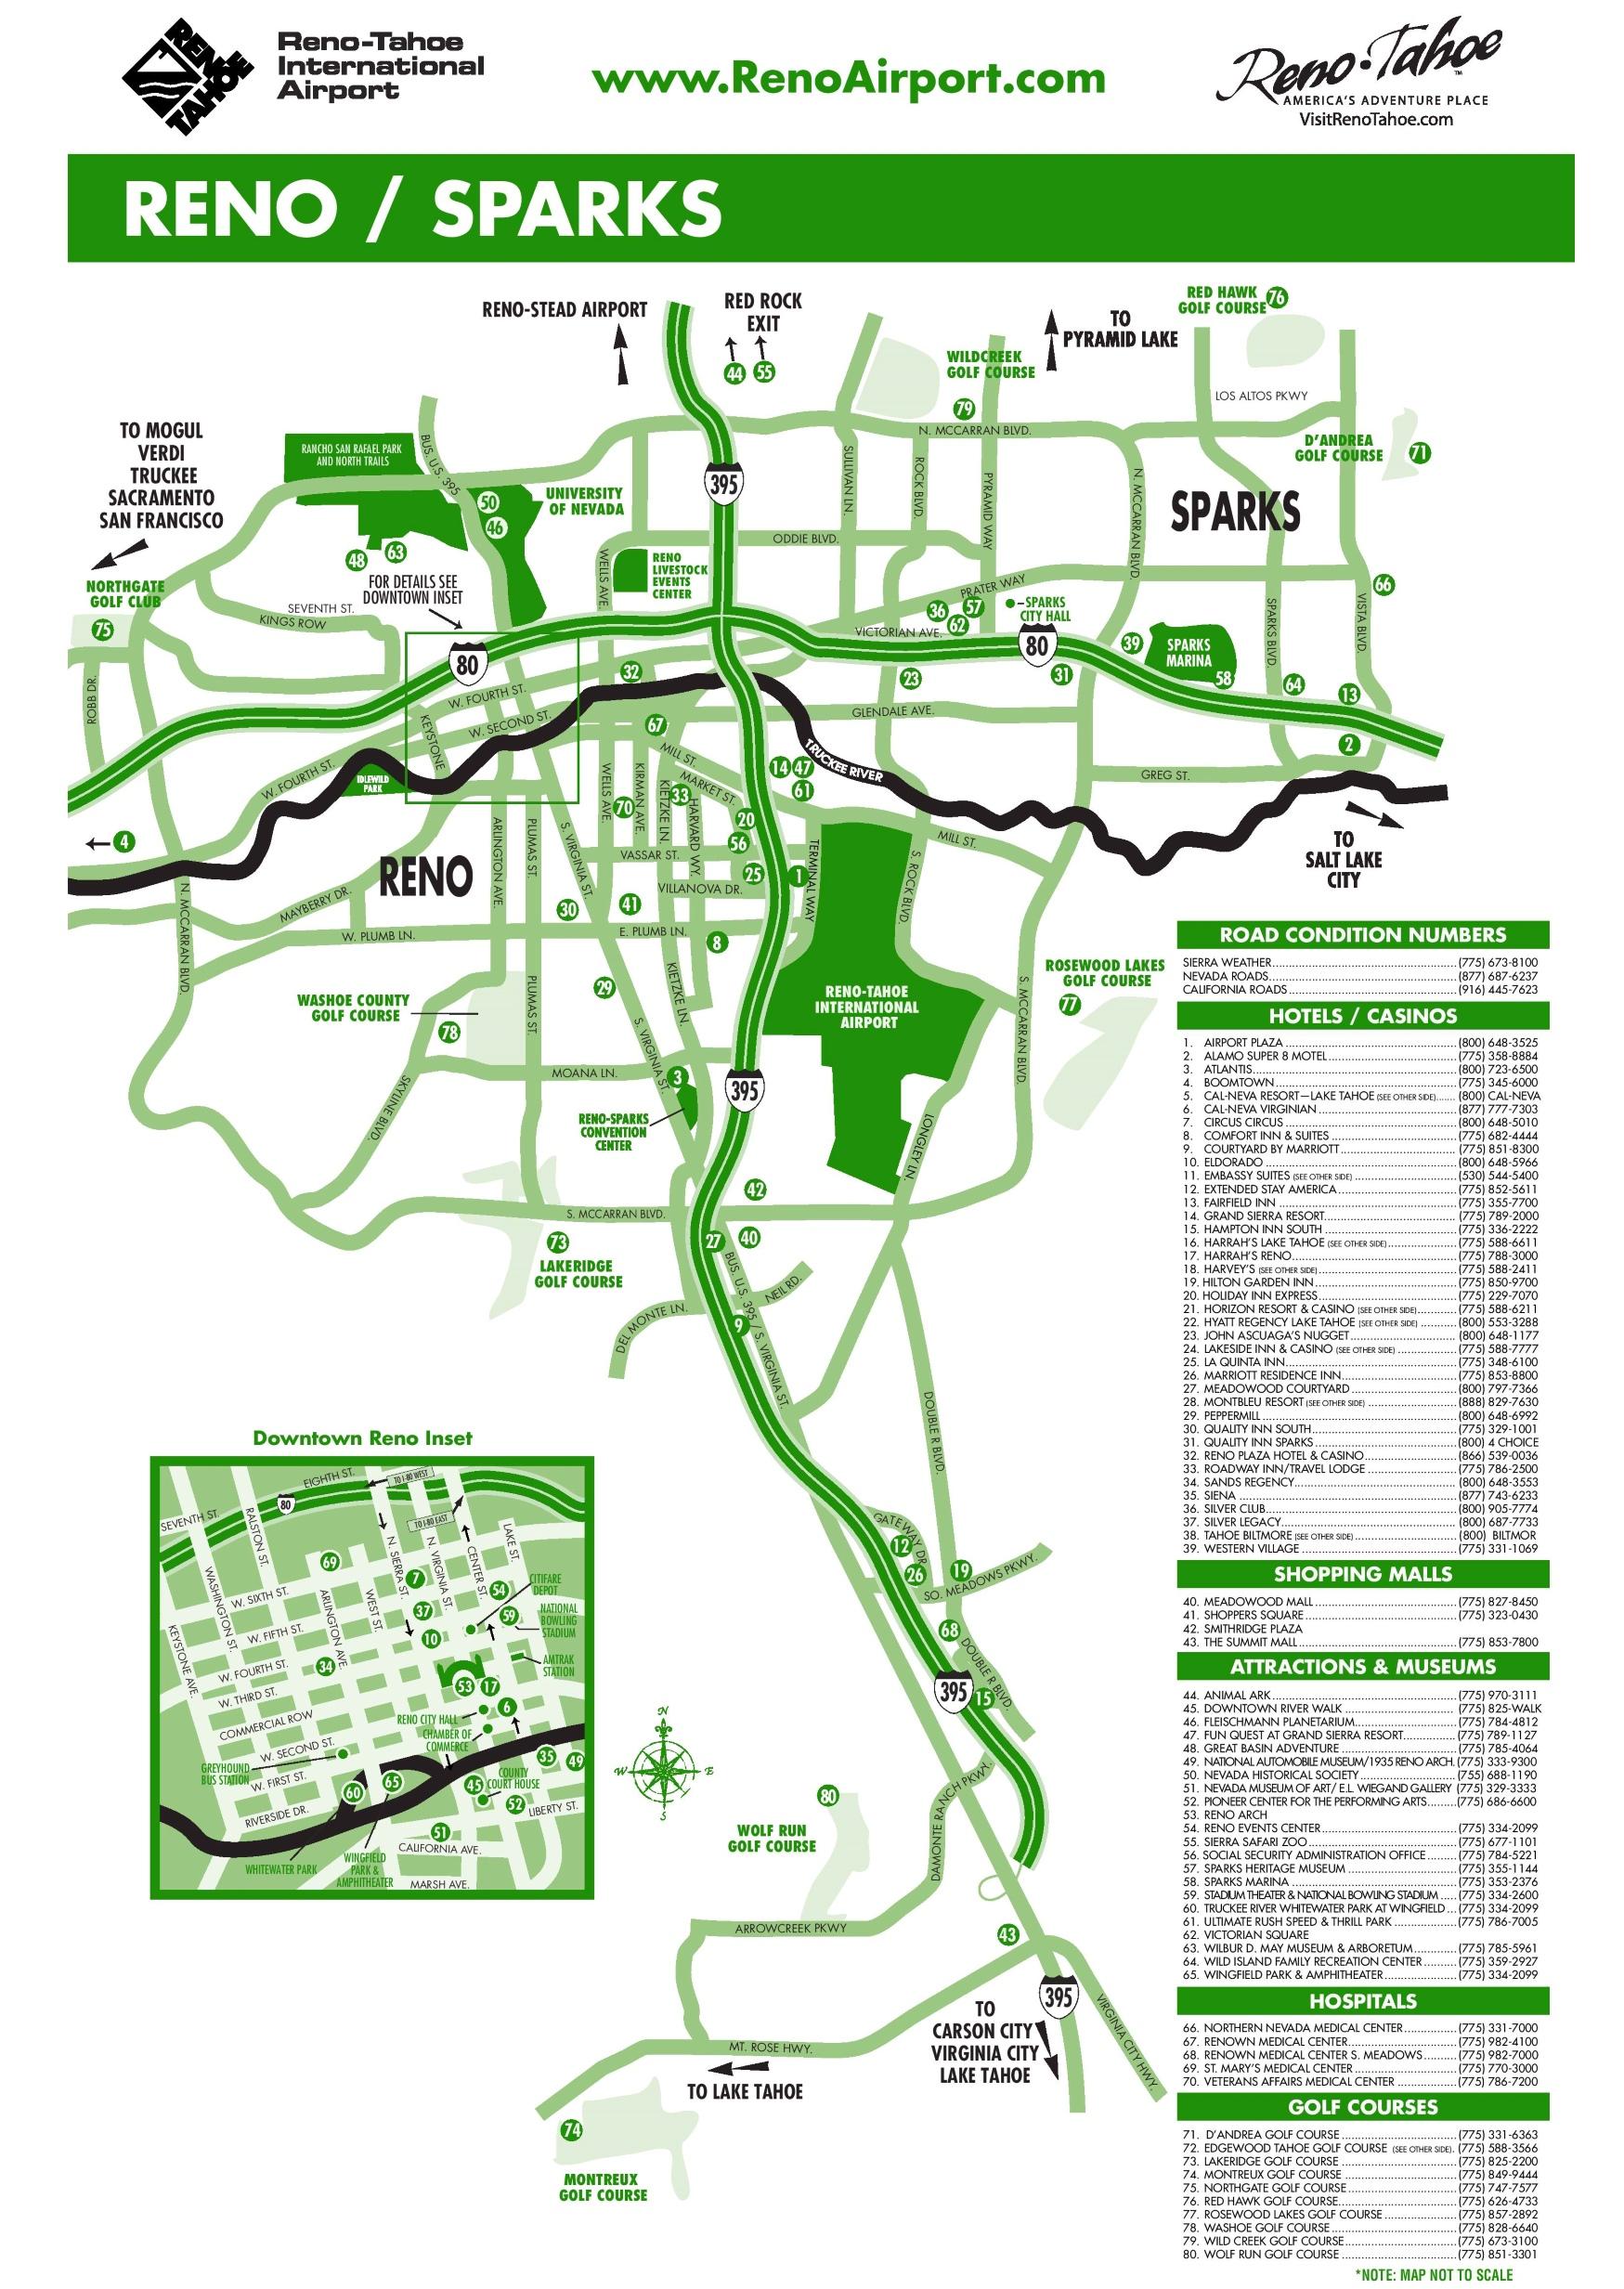 Reno casino street map lego batman 2 wii game walkthrough